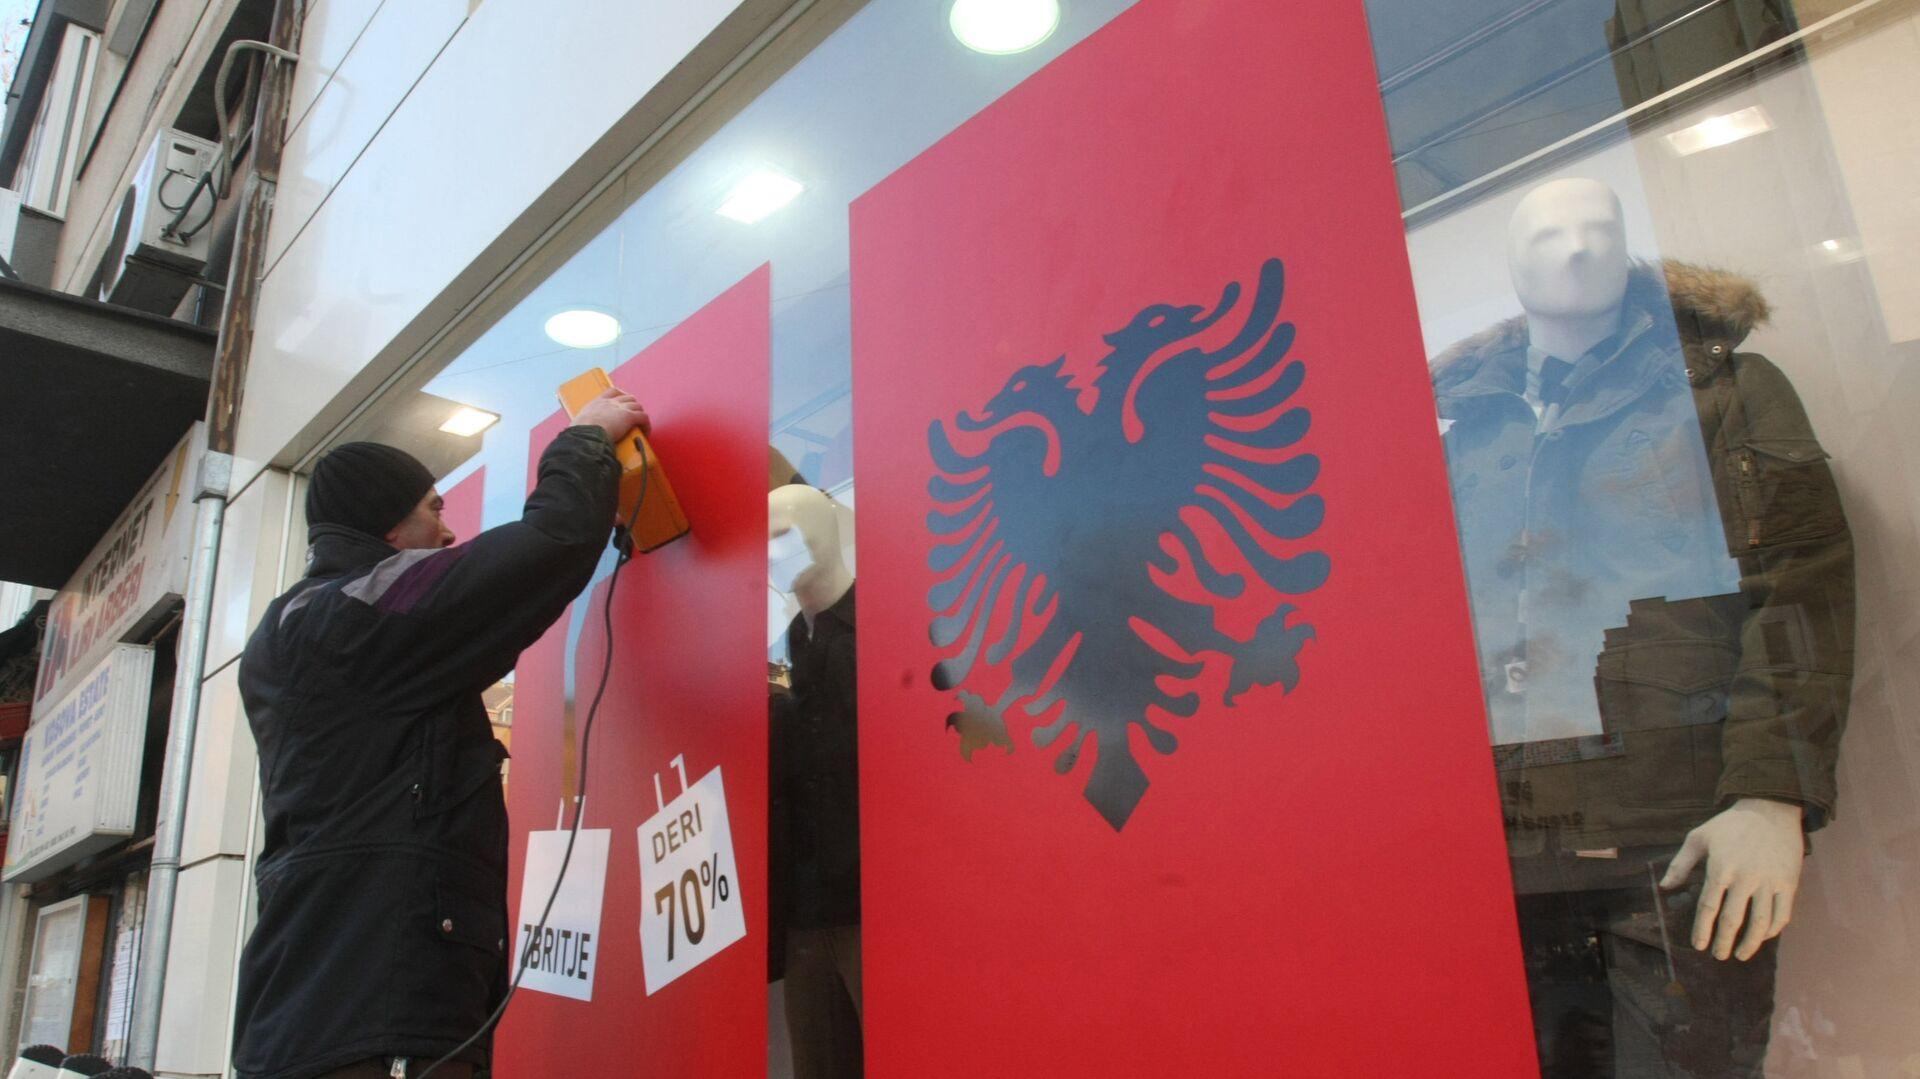 Albanksa zastava na izlogu u Prištini - Sputnik Srbija, 1920, 03.10.2021